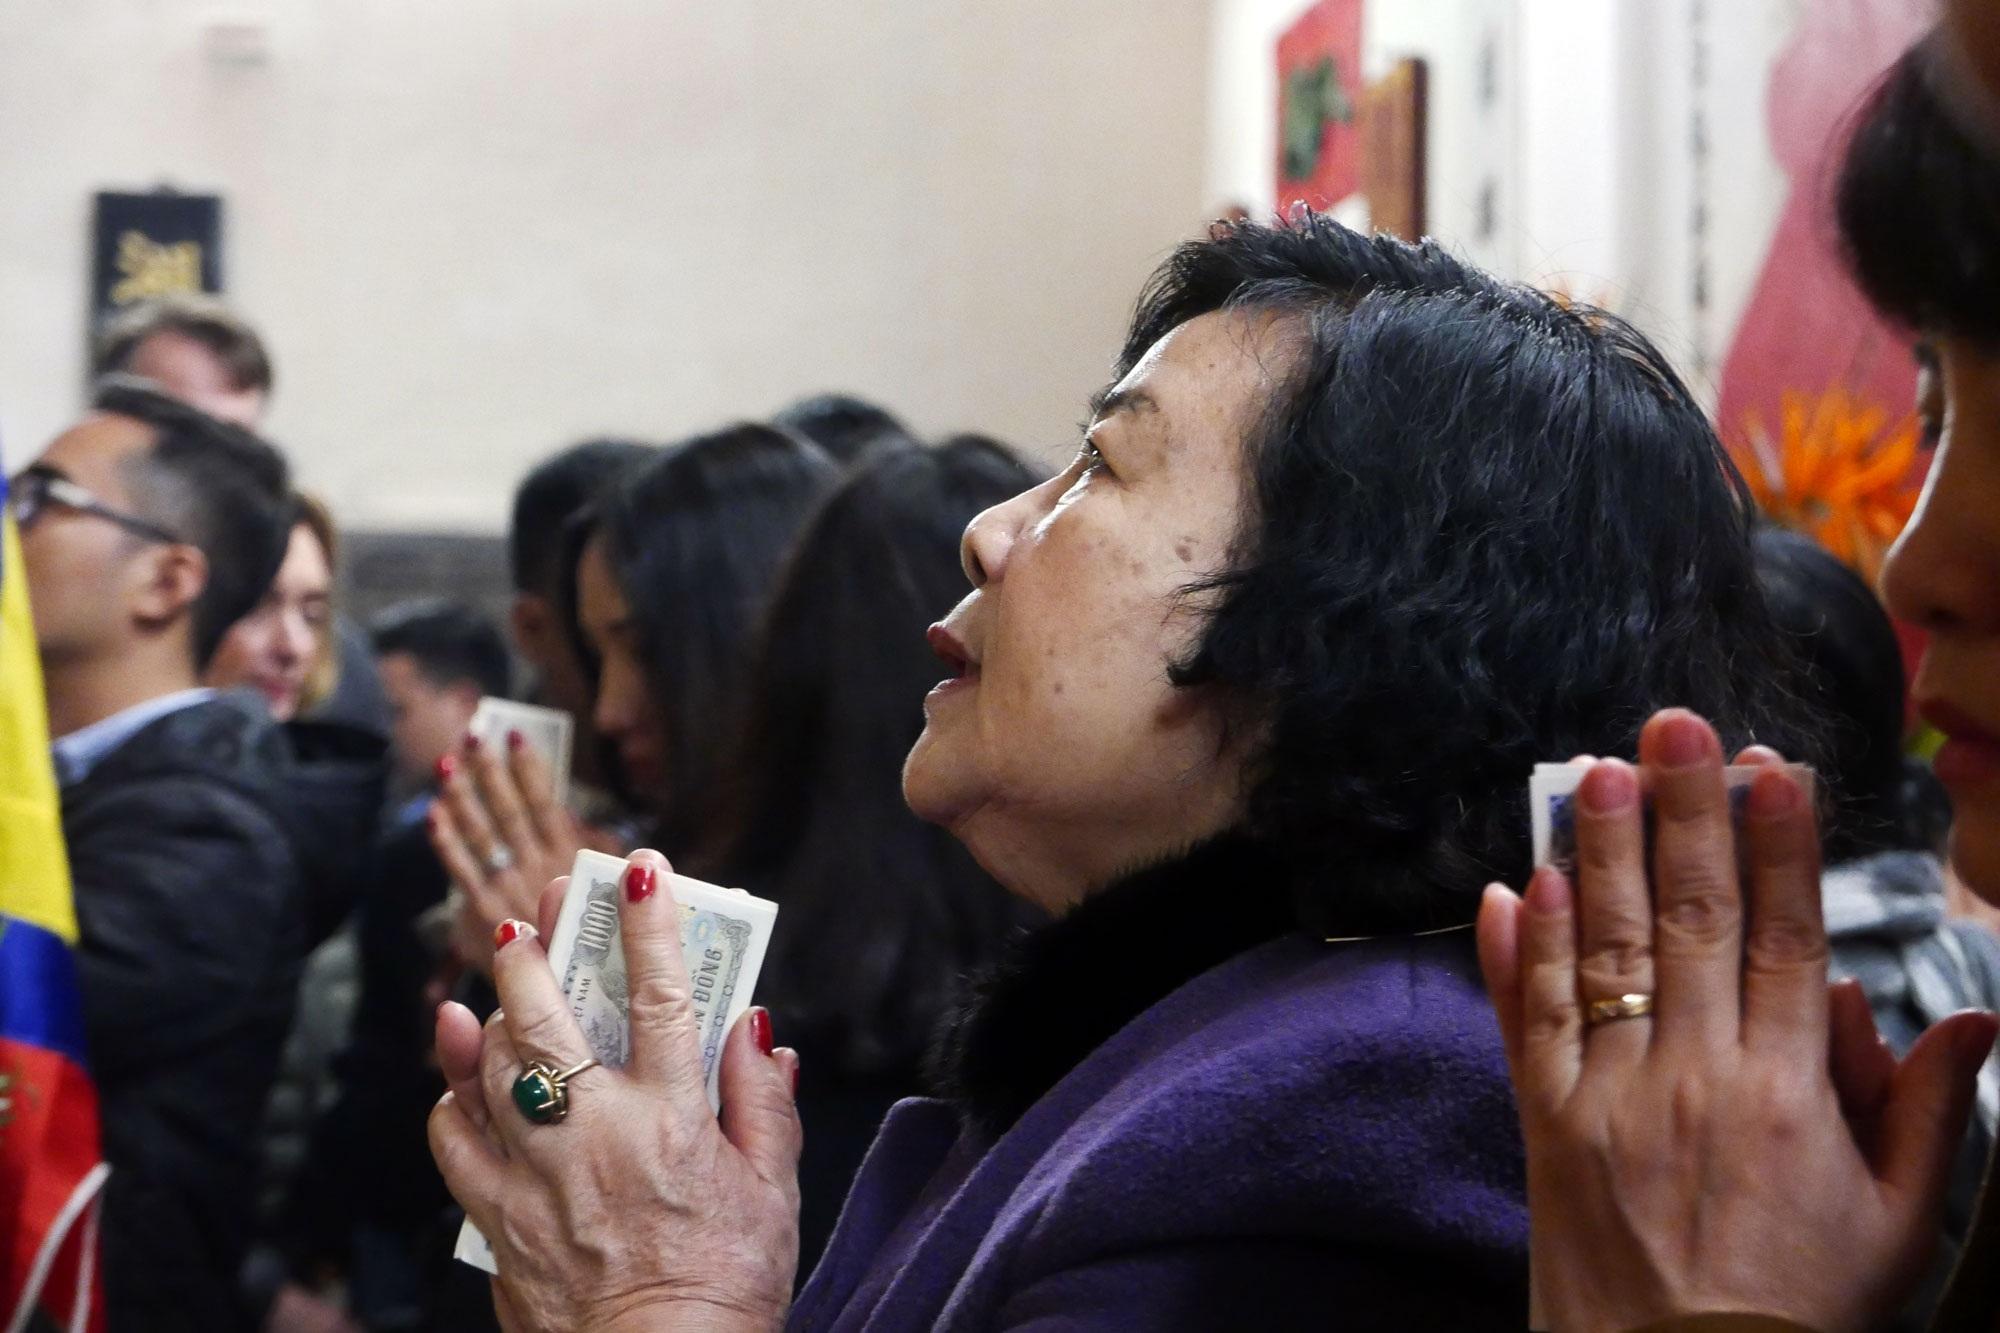 Cảnh lễ đền dưới mưa xuân tuyệt đẹp ở Hà Nội ngày mùng 1 Tết - 17